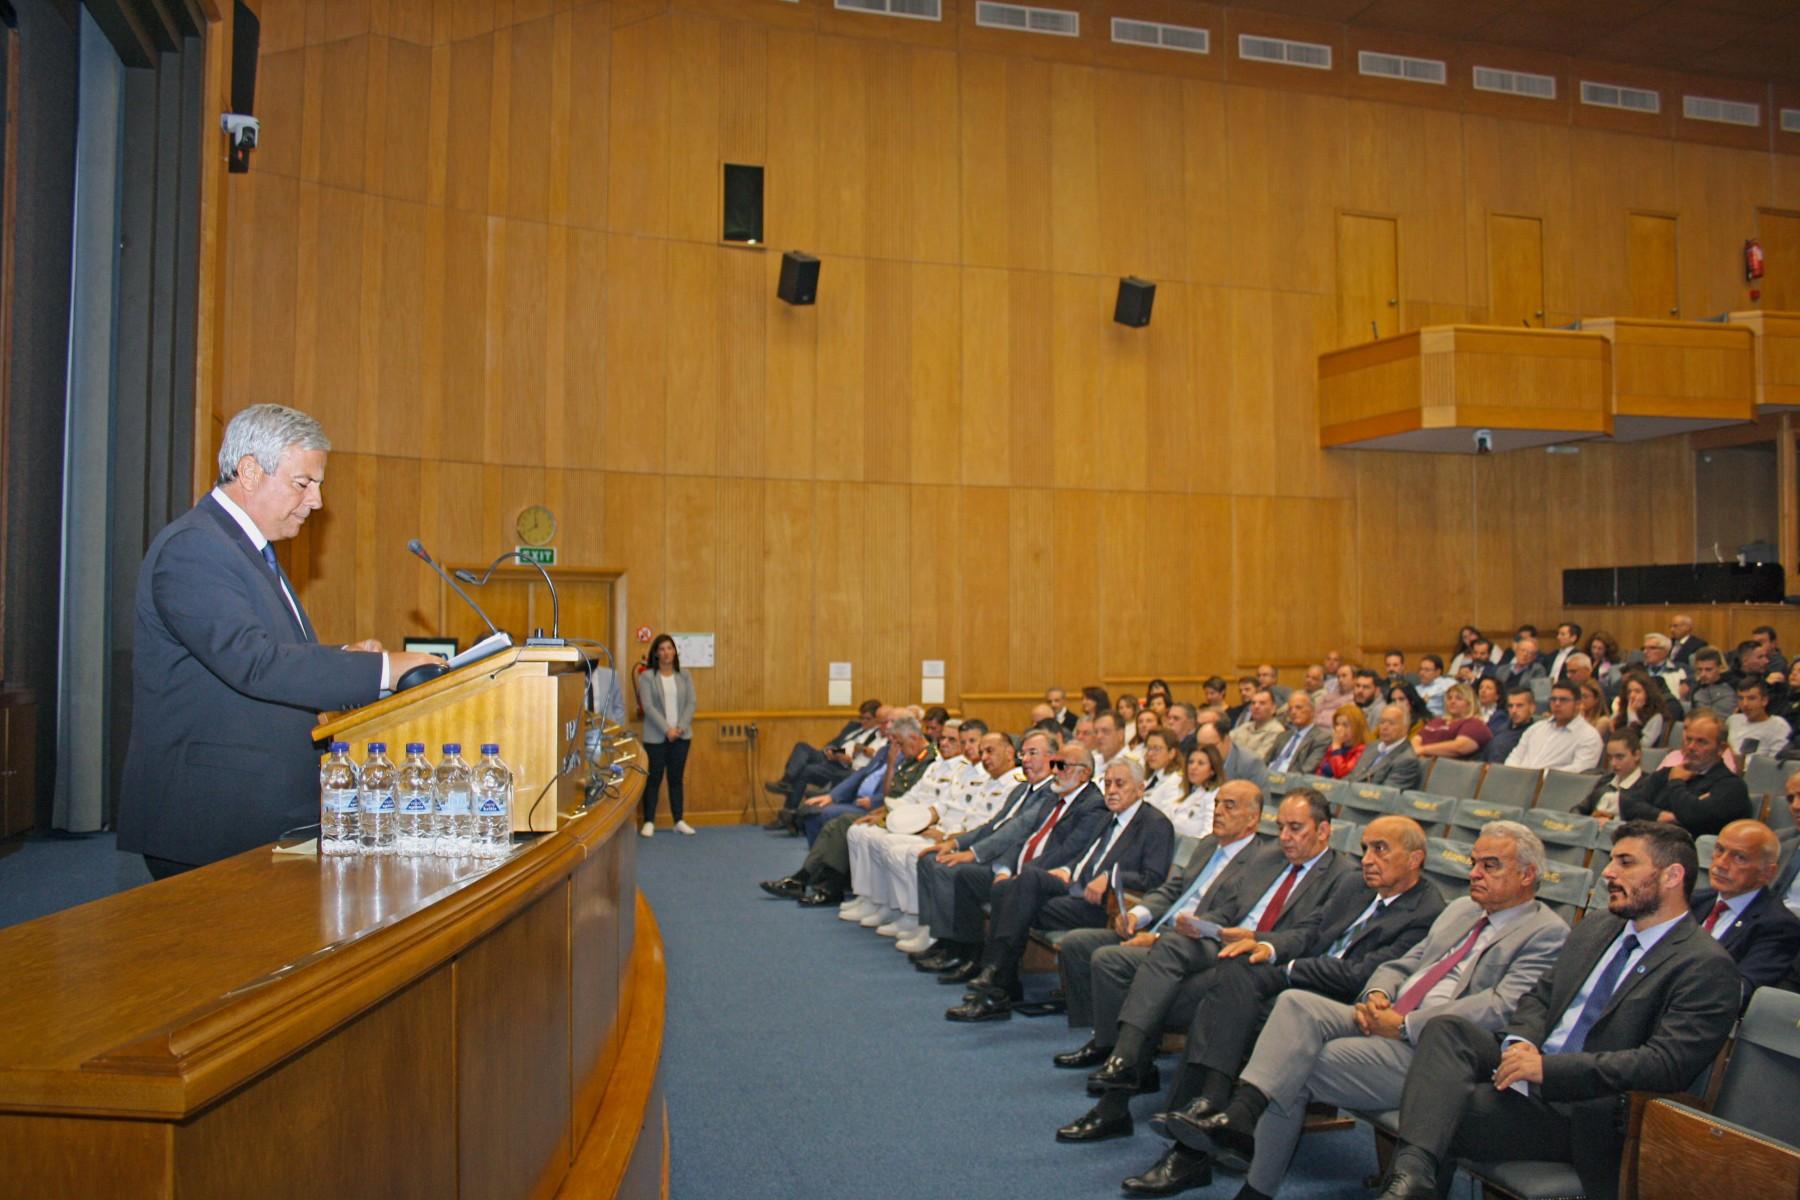 Ο κ. Λεωνίδας Δημητριάδης- Ευγενίδης, Πρόεδρος του Ιδρύματος Ευγενίδου και Πρεσβευτής του Διεθνούς Ναυτιλιακού Οργανισμού στην Ελλάδα